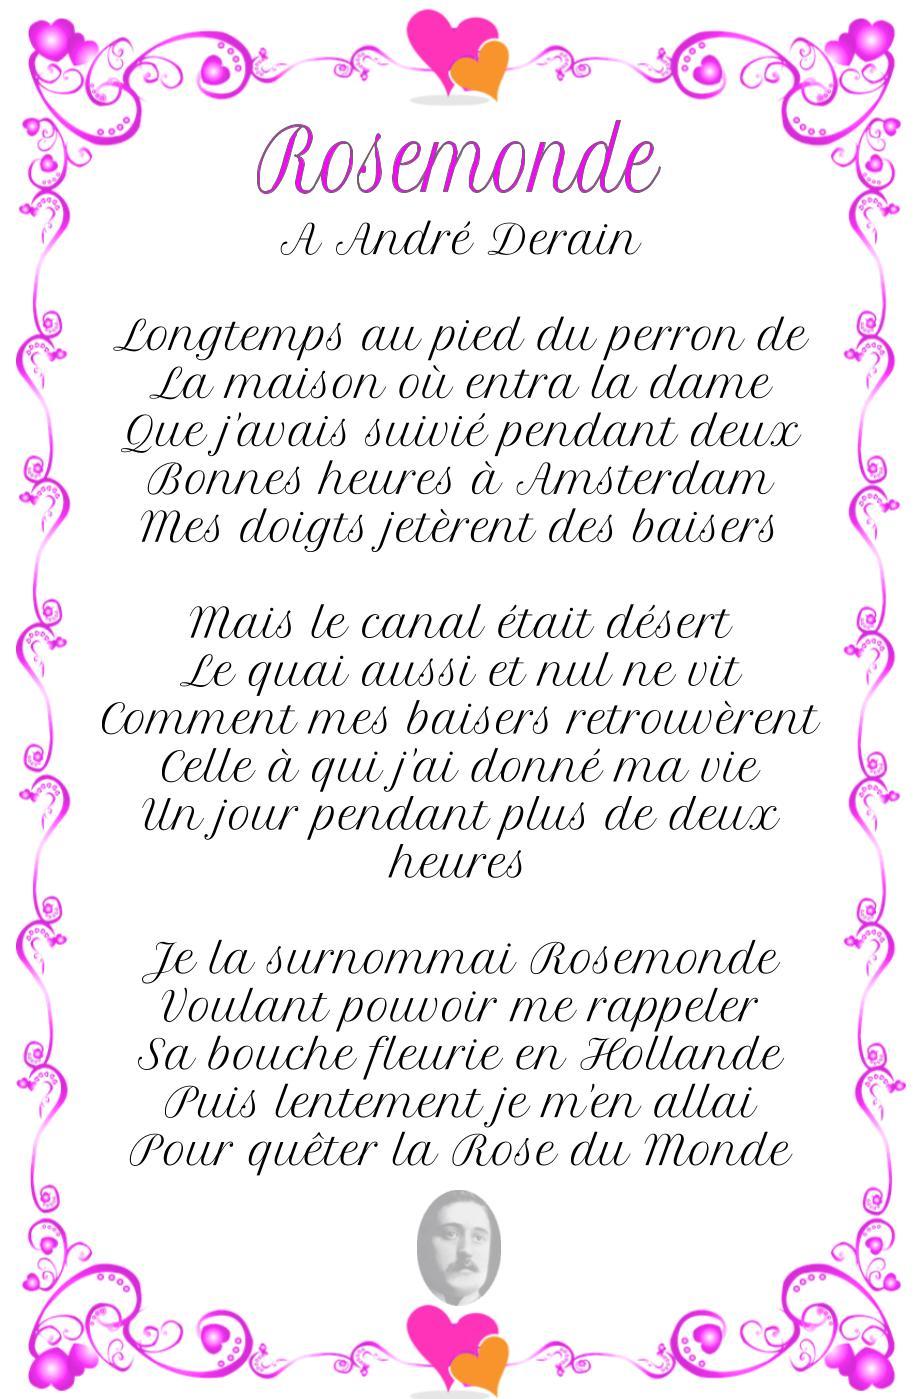 Rosemonde, poème de Guillaume Apollinaire